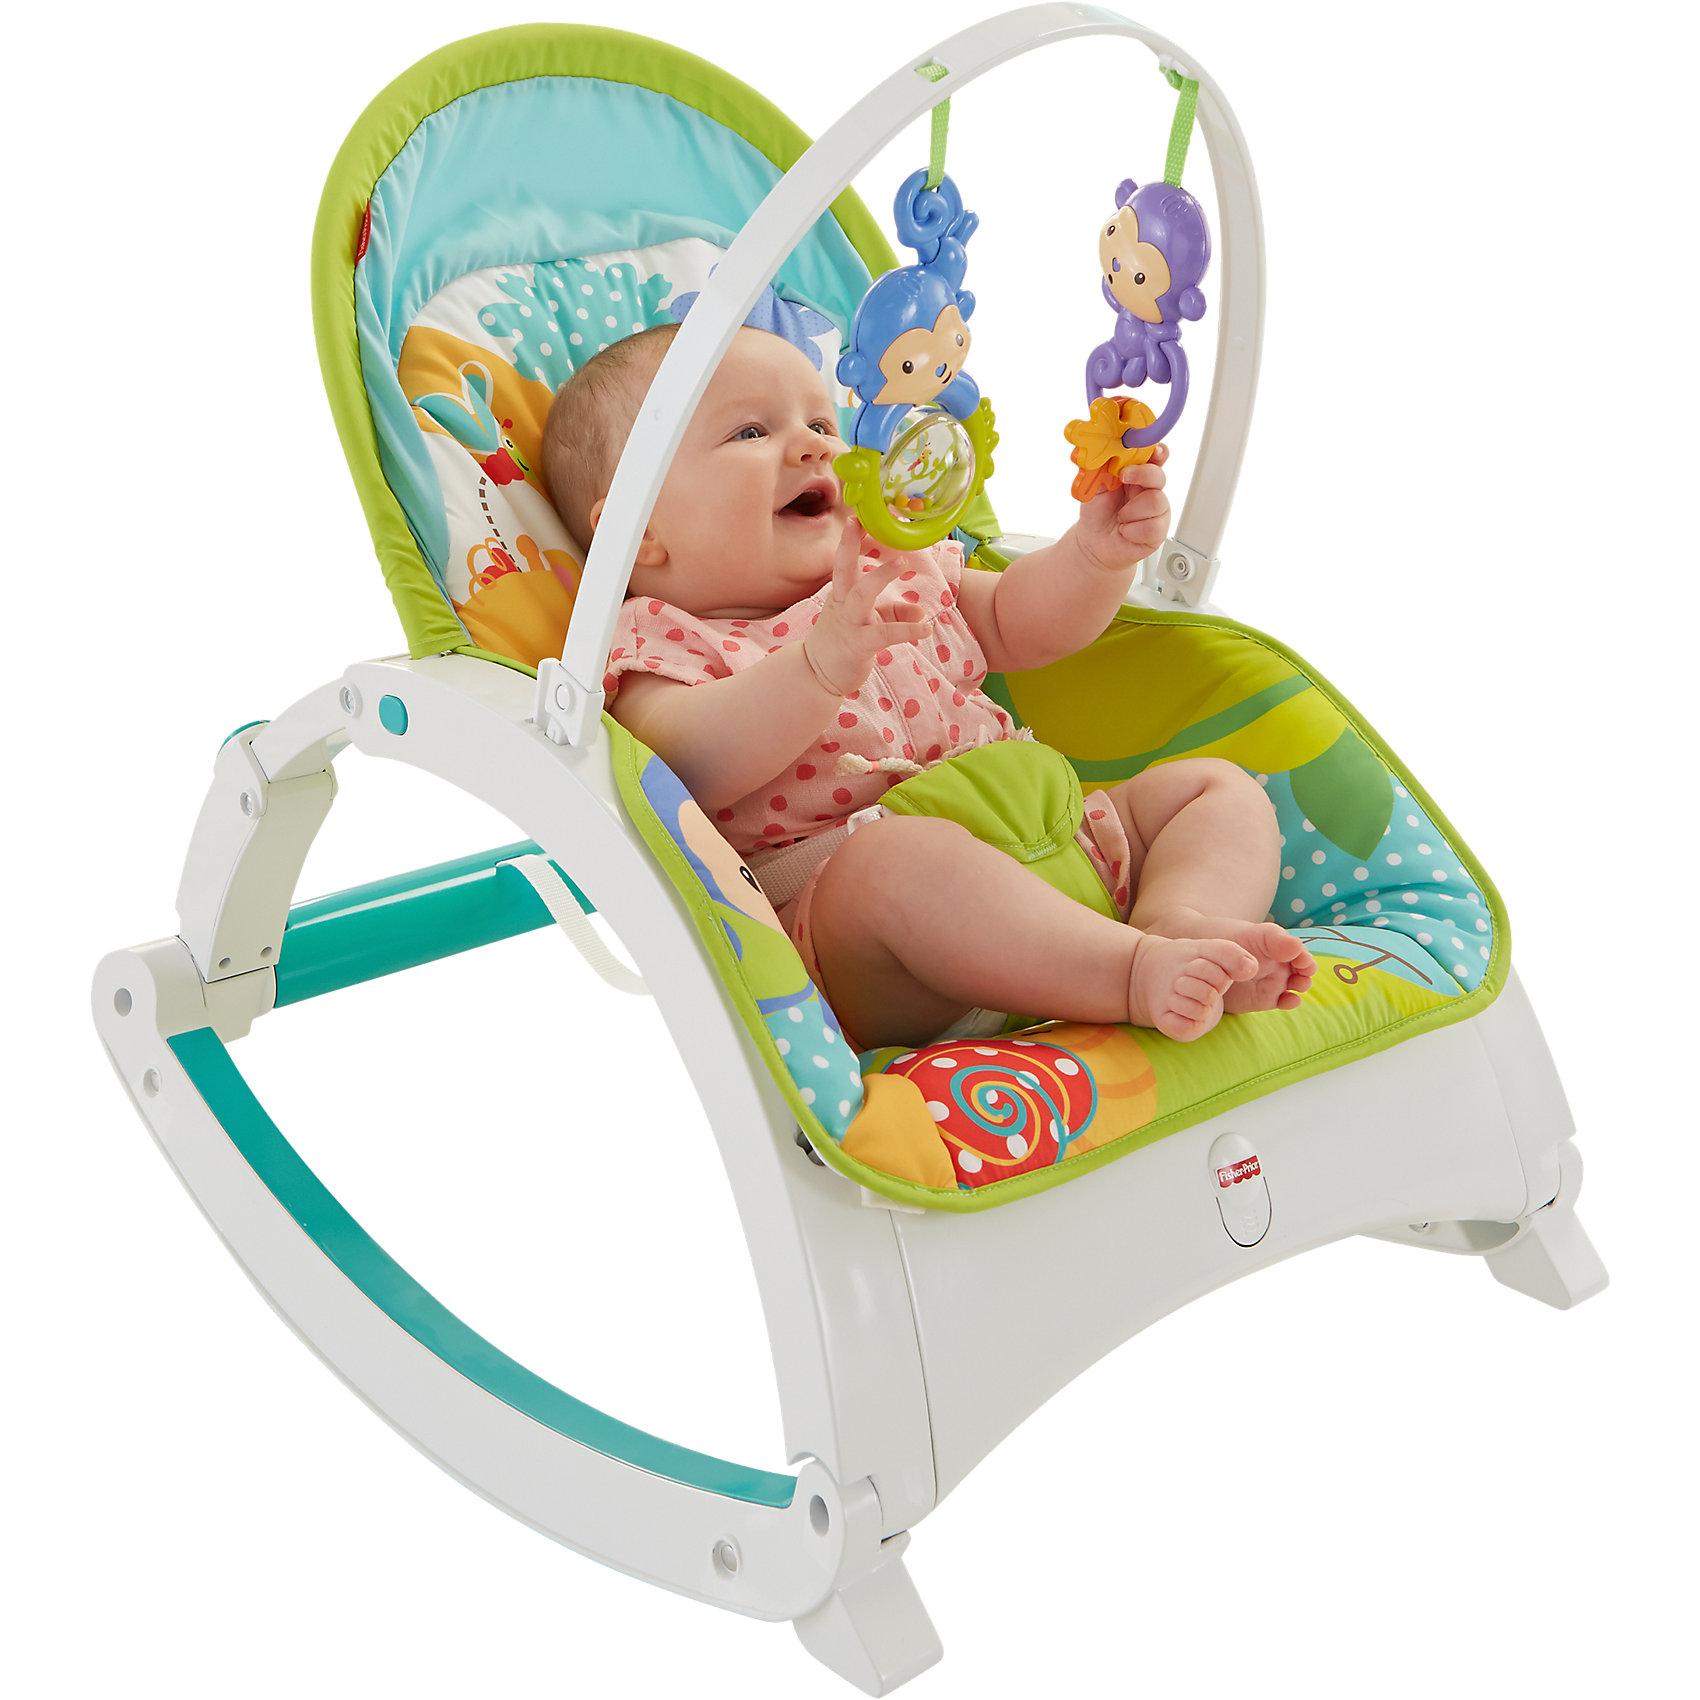 Кресло-качалка Друзья из тропического леса, Fisher-PriceЭто кресло-качалка разработано специально для самых маленьких. С помощью него ребенок будет активнее изучать окружающий мир и развить чувство равновесия, координацию и моторику. Качалка имеет удобное для маленького ребенка сидение и рассчитана на максимально безопасный диапазон качания. <br>Качалка имеет функцию вибрации, которая помогает малышу заснуть быстрее, съемное оголовье с двумя погремушками. Она выполнена в яркой расцветке, она произведена из высококачественных материалов. Эти материалы безопасны для ребенка. Мягкое сиденье можно стирать в машине. Кресло-качалка очень легко моется и мало весит. Работает на батарейках.<br><br>Дополнительная информация:<br><br>цвет: разноцветный;<br>материал: пластик, текстиль;<br>вес: 3,6 кг;<br>размер: 44 x 13,5 x 60,5 см.<br><br>Кресло-качалка Друзья из тропического леса  от марки Fisher-Price (Фишер-Прайс), Mattel, можно купить в нашем магазине.<br><br>Ширина мм: 613<br>Глубина мм: 443<br>Высота мм: 144<br>Вес г: 3642<br>Возраст от месяцев: 0<br>Возраст до месяцев: 12<br>Пол: Унисекс<br>Возраст: Детский<br>SKU: 4375579